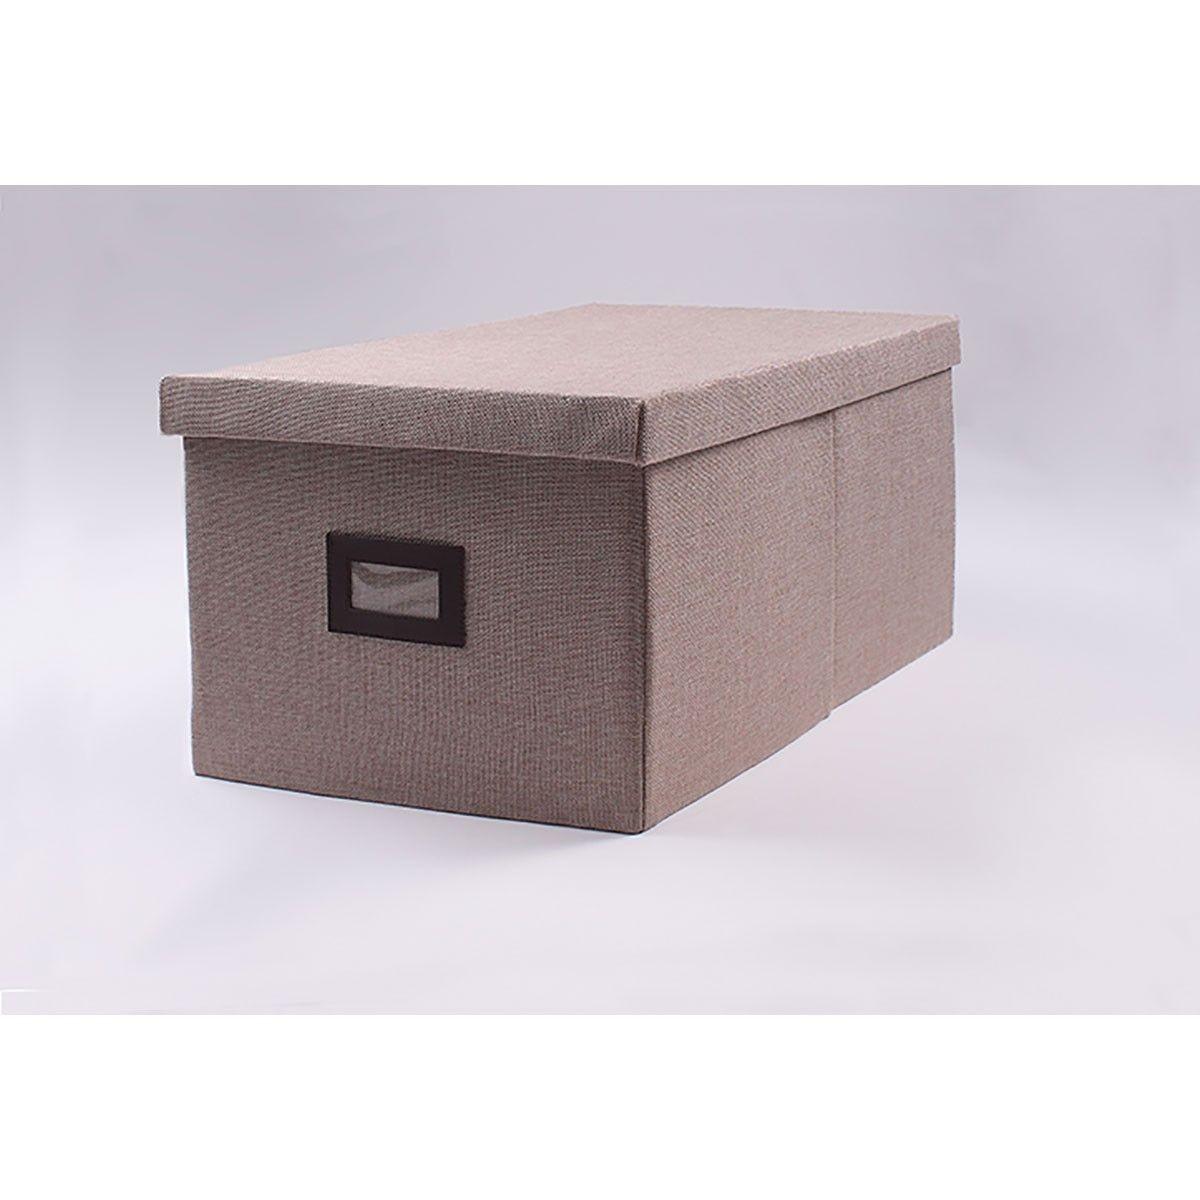 Boite De Rangement Polyester Lot De 3 Taille Taille Unique Boite De Rangement Rangement Et Boite